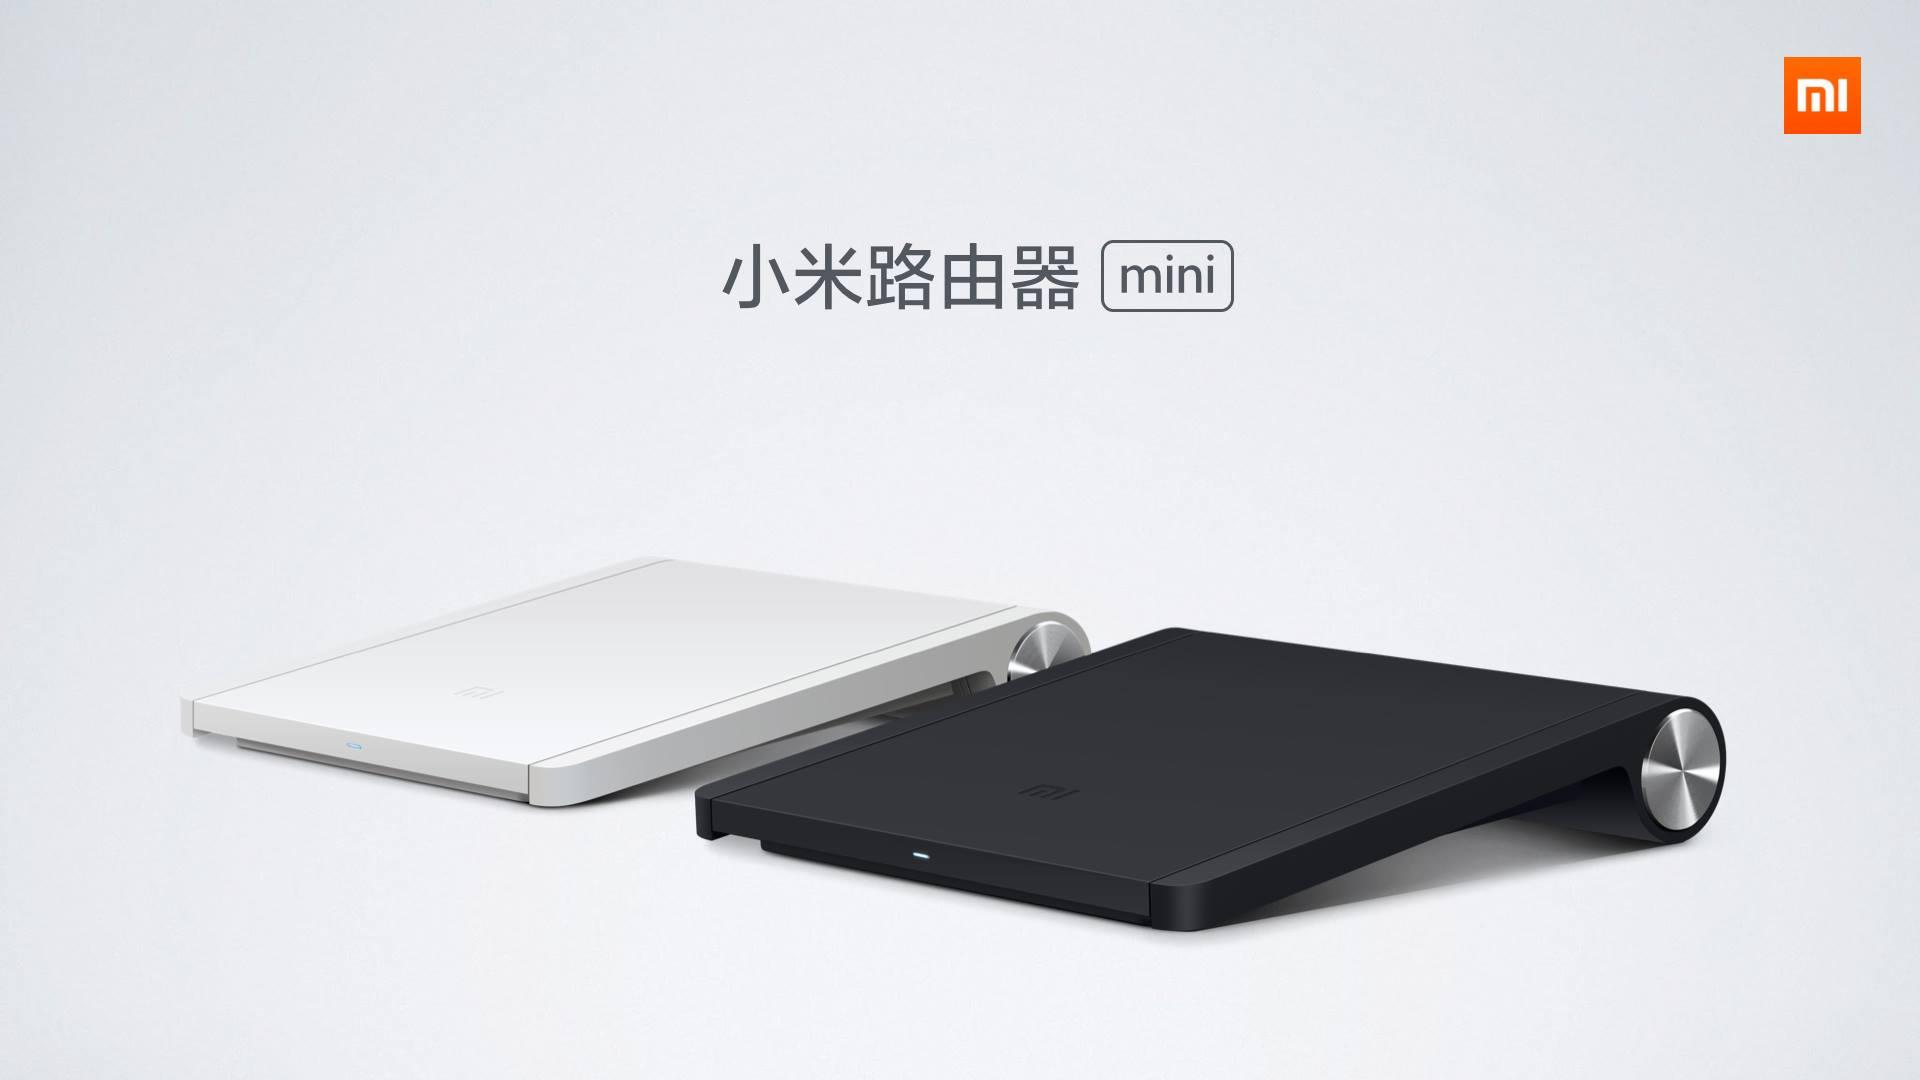 xiaomi-mi-router-mini-1